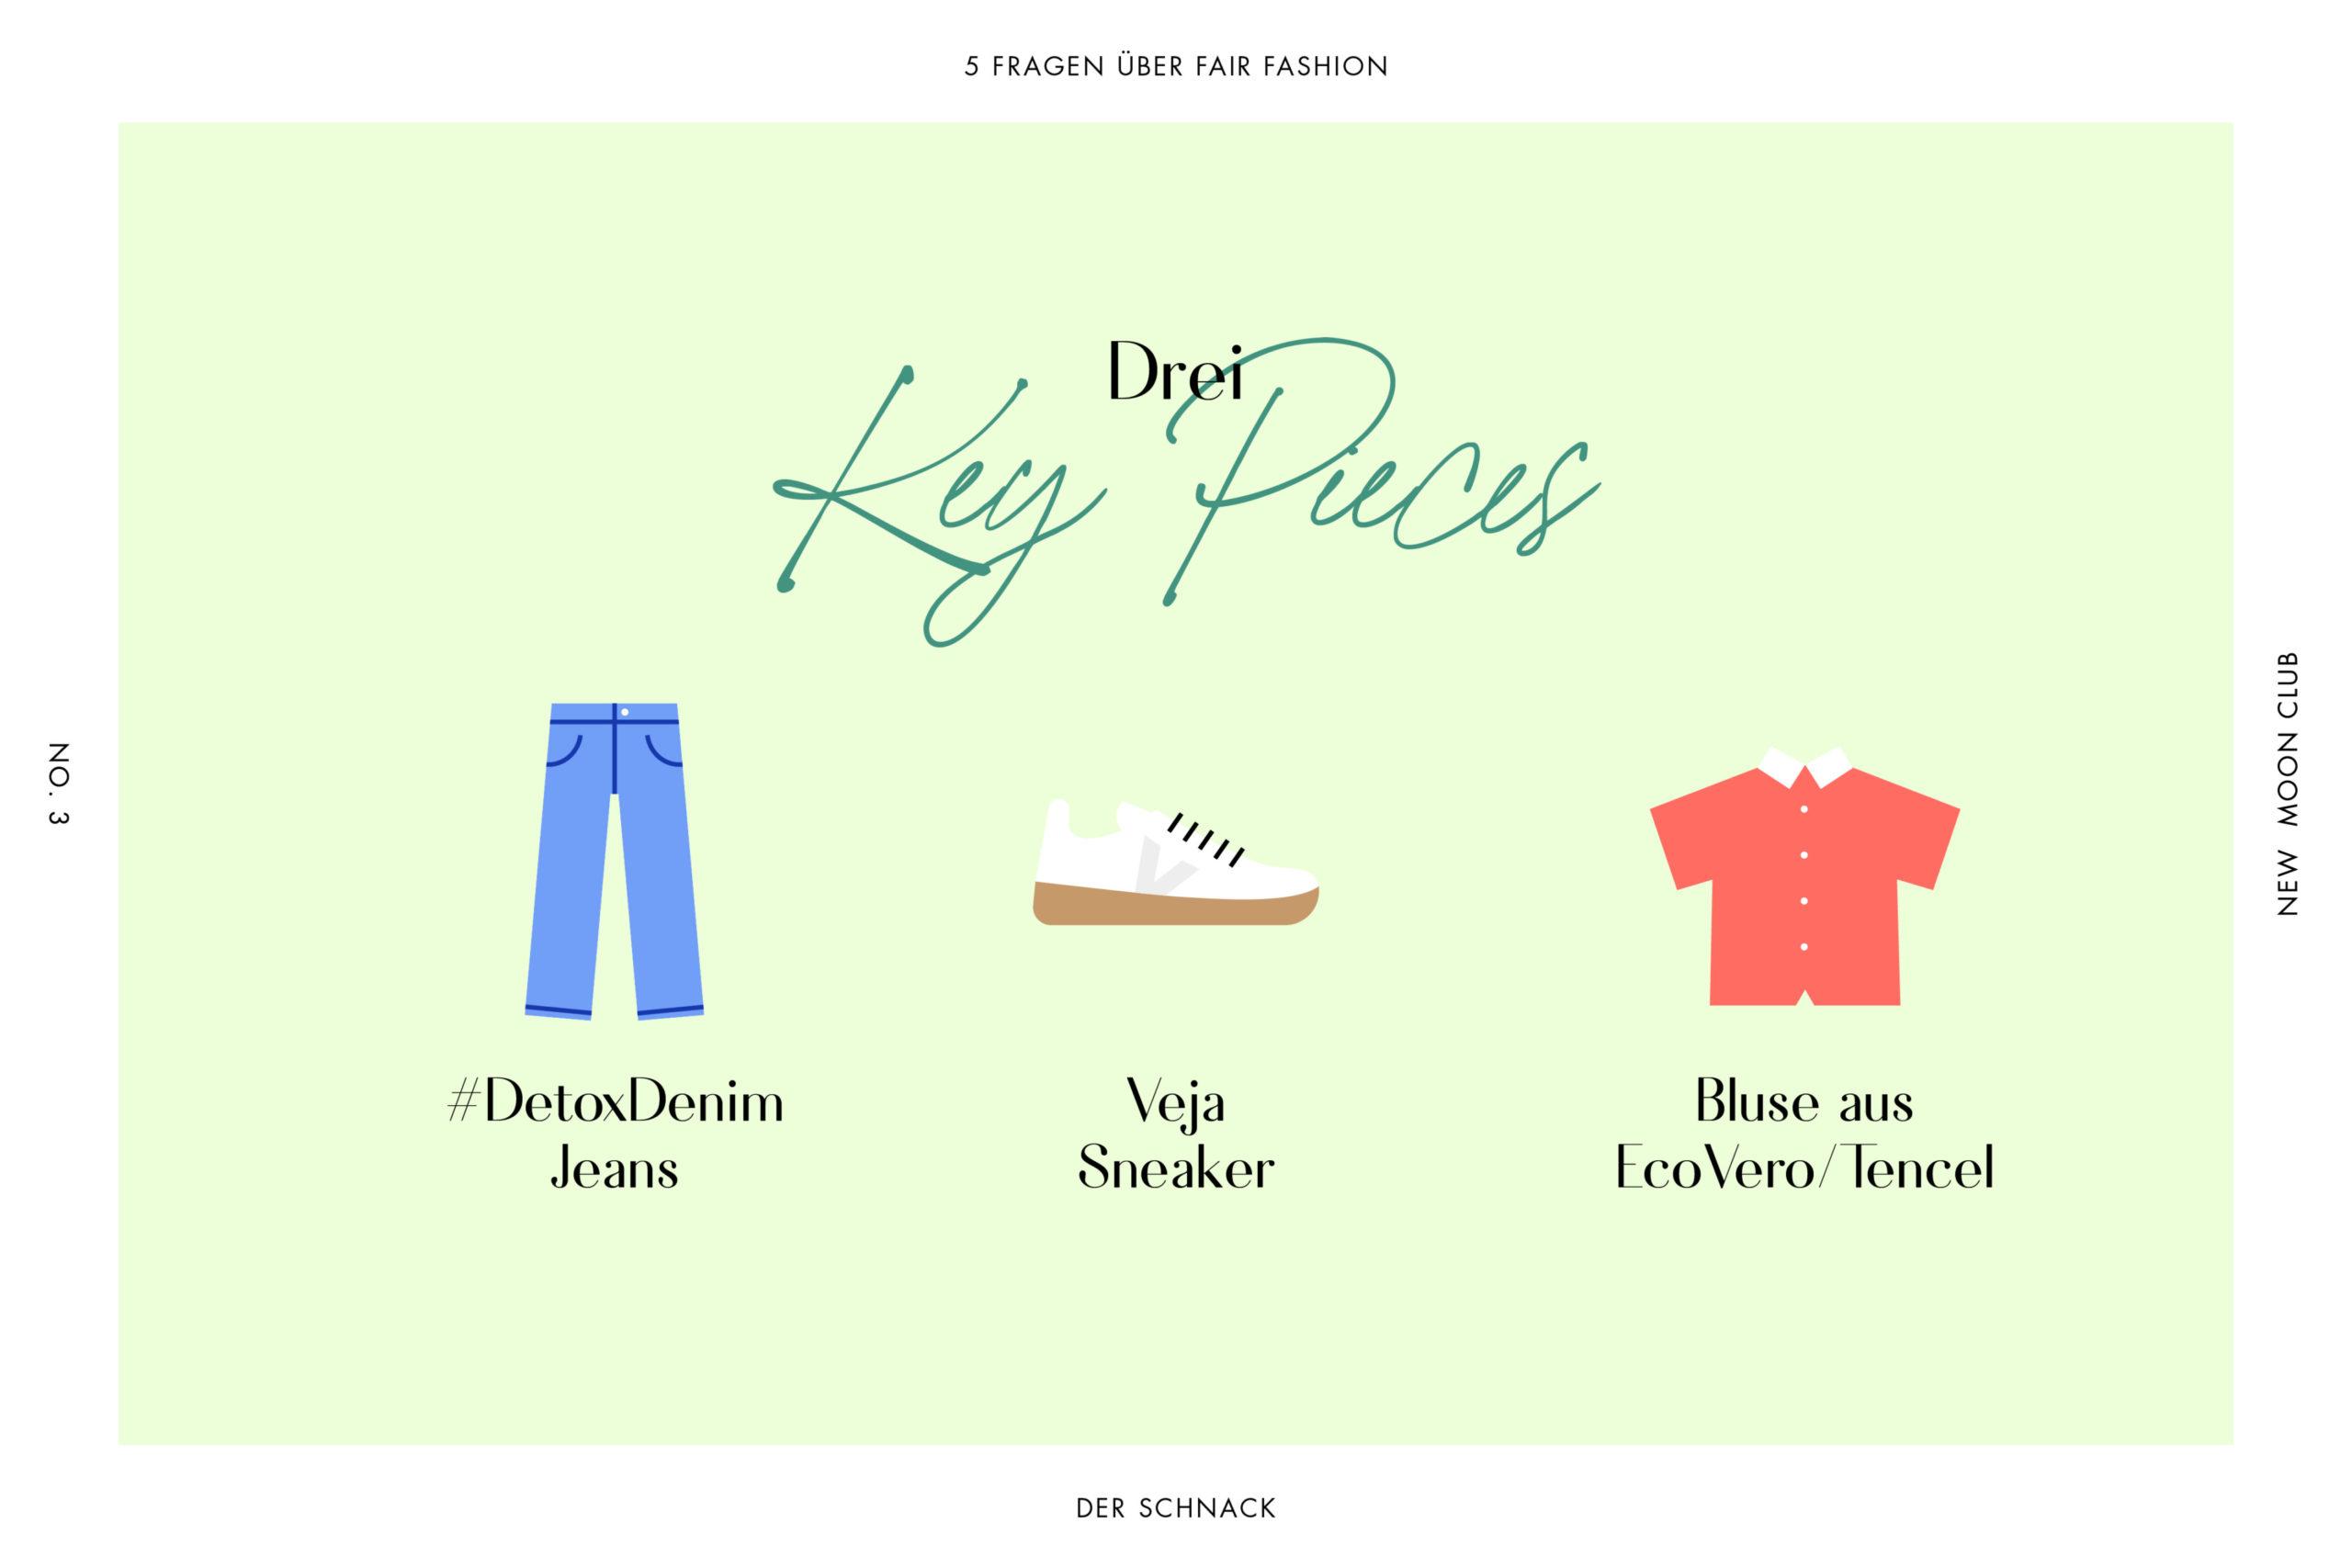 drei Key Pièces faire Mode